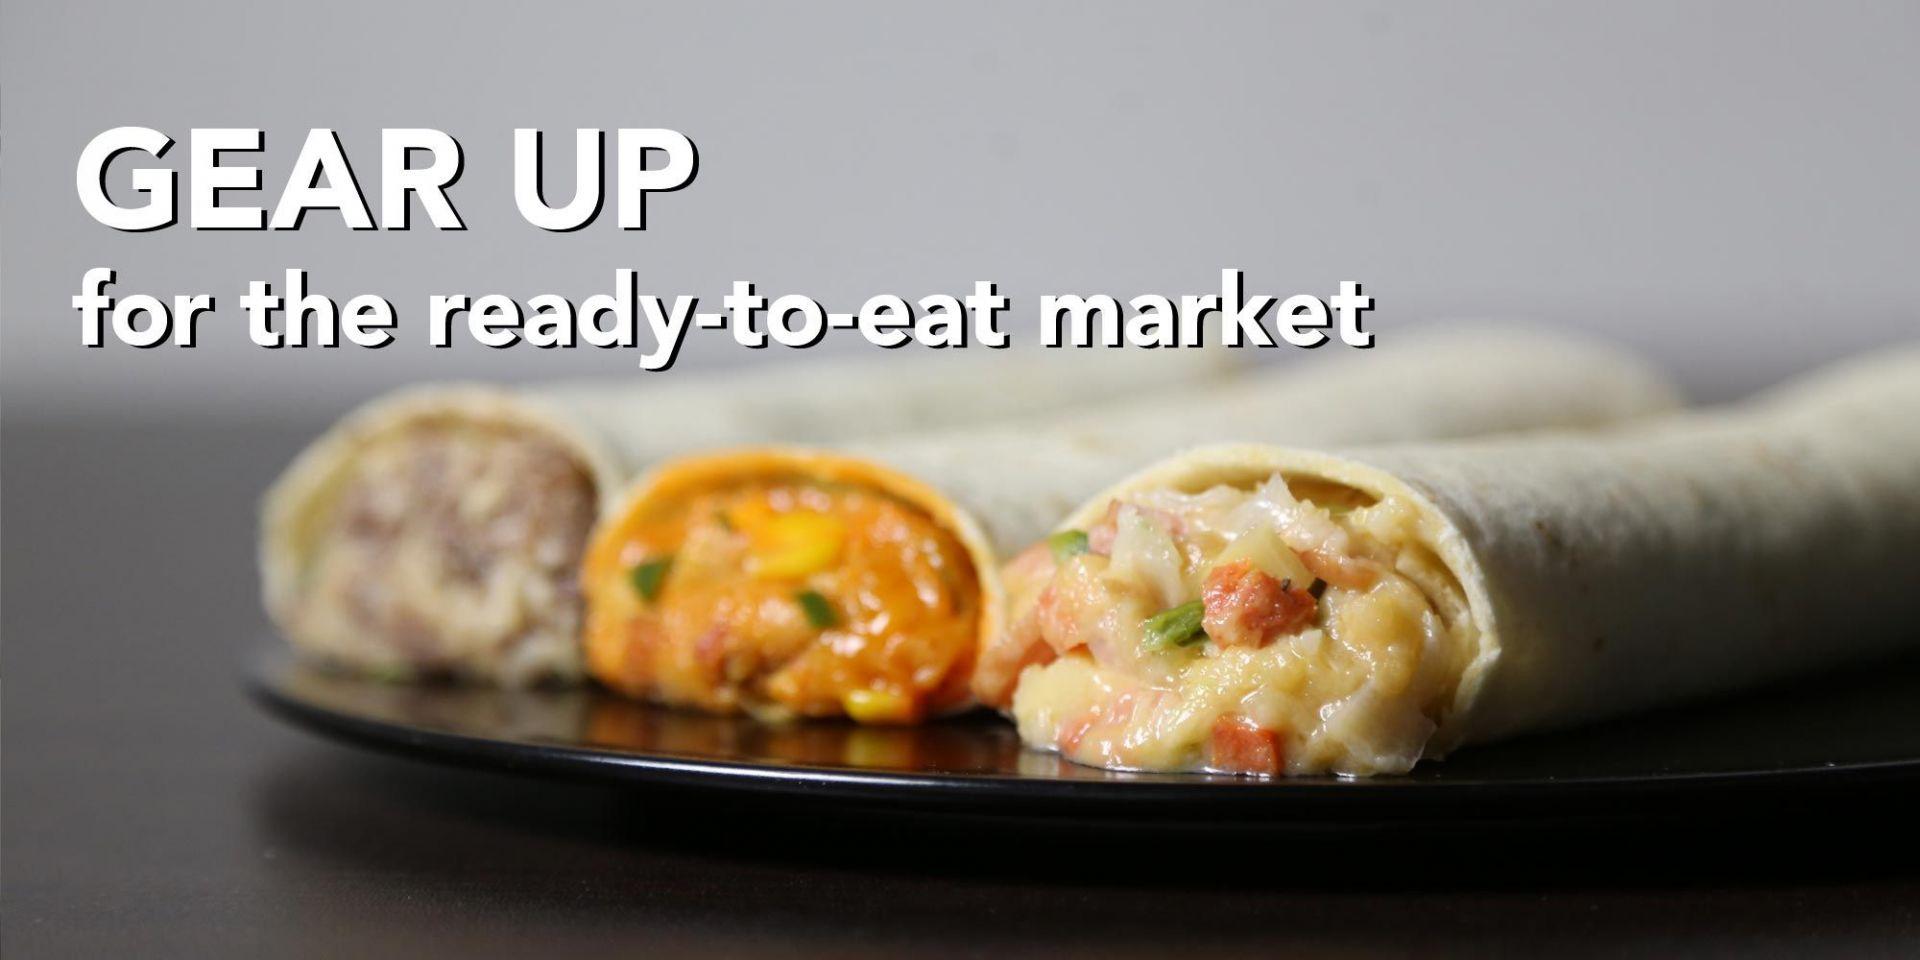 【Gıda Endüstrisi Trendleri】 Paket yemeklerin süper yıldızı-burrito, Latin Amerika yemekleri dünyayı nasıl süpürür?